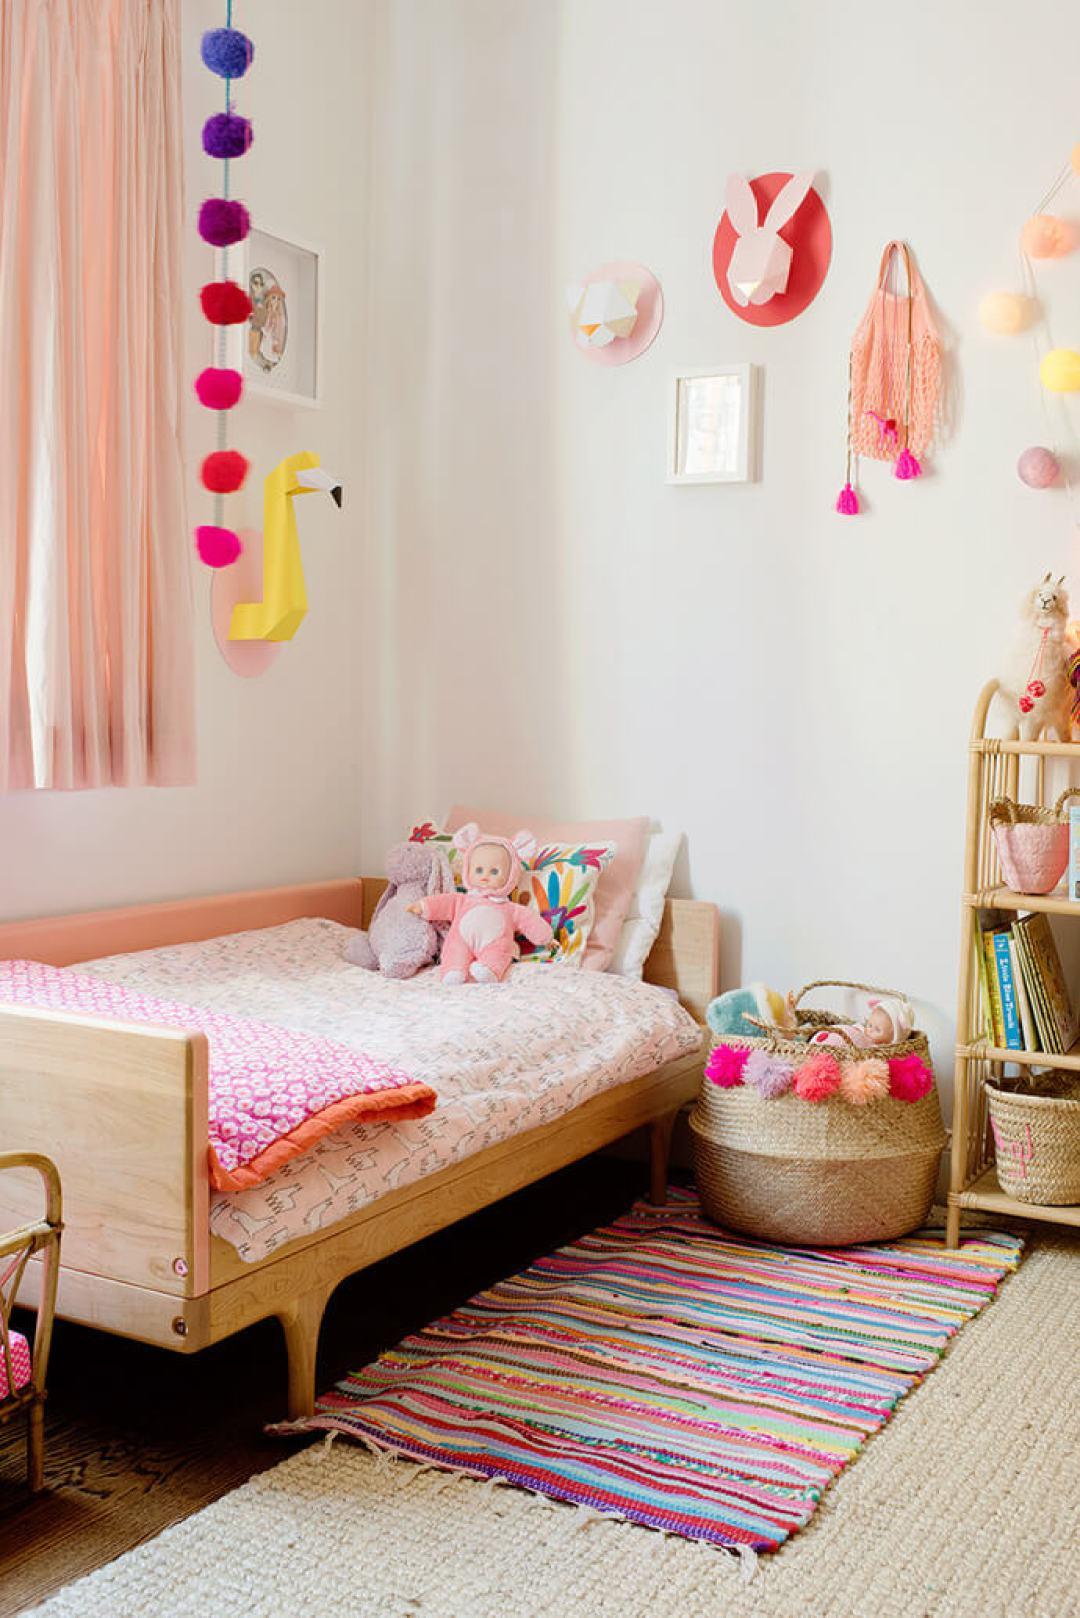 Lit d'enfant design scandinave